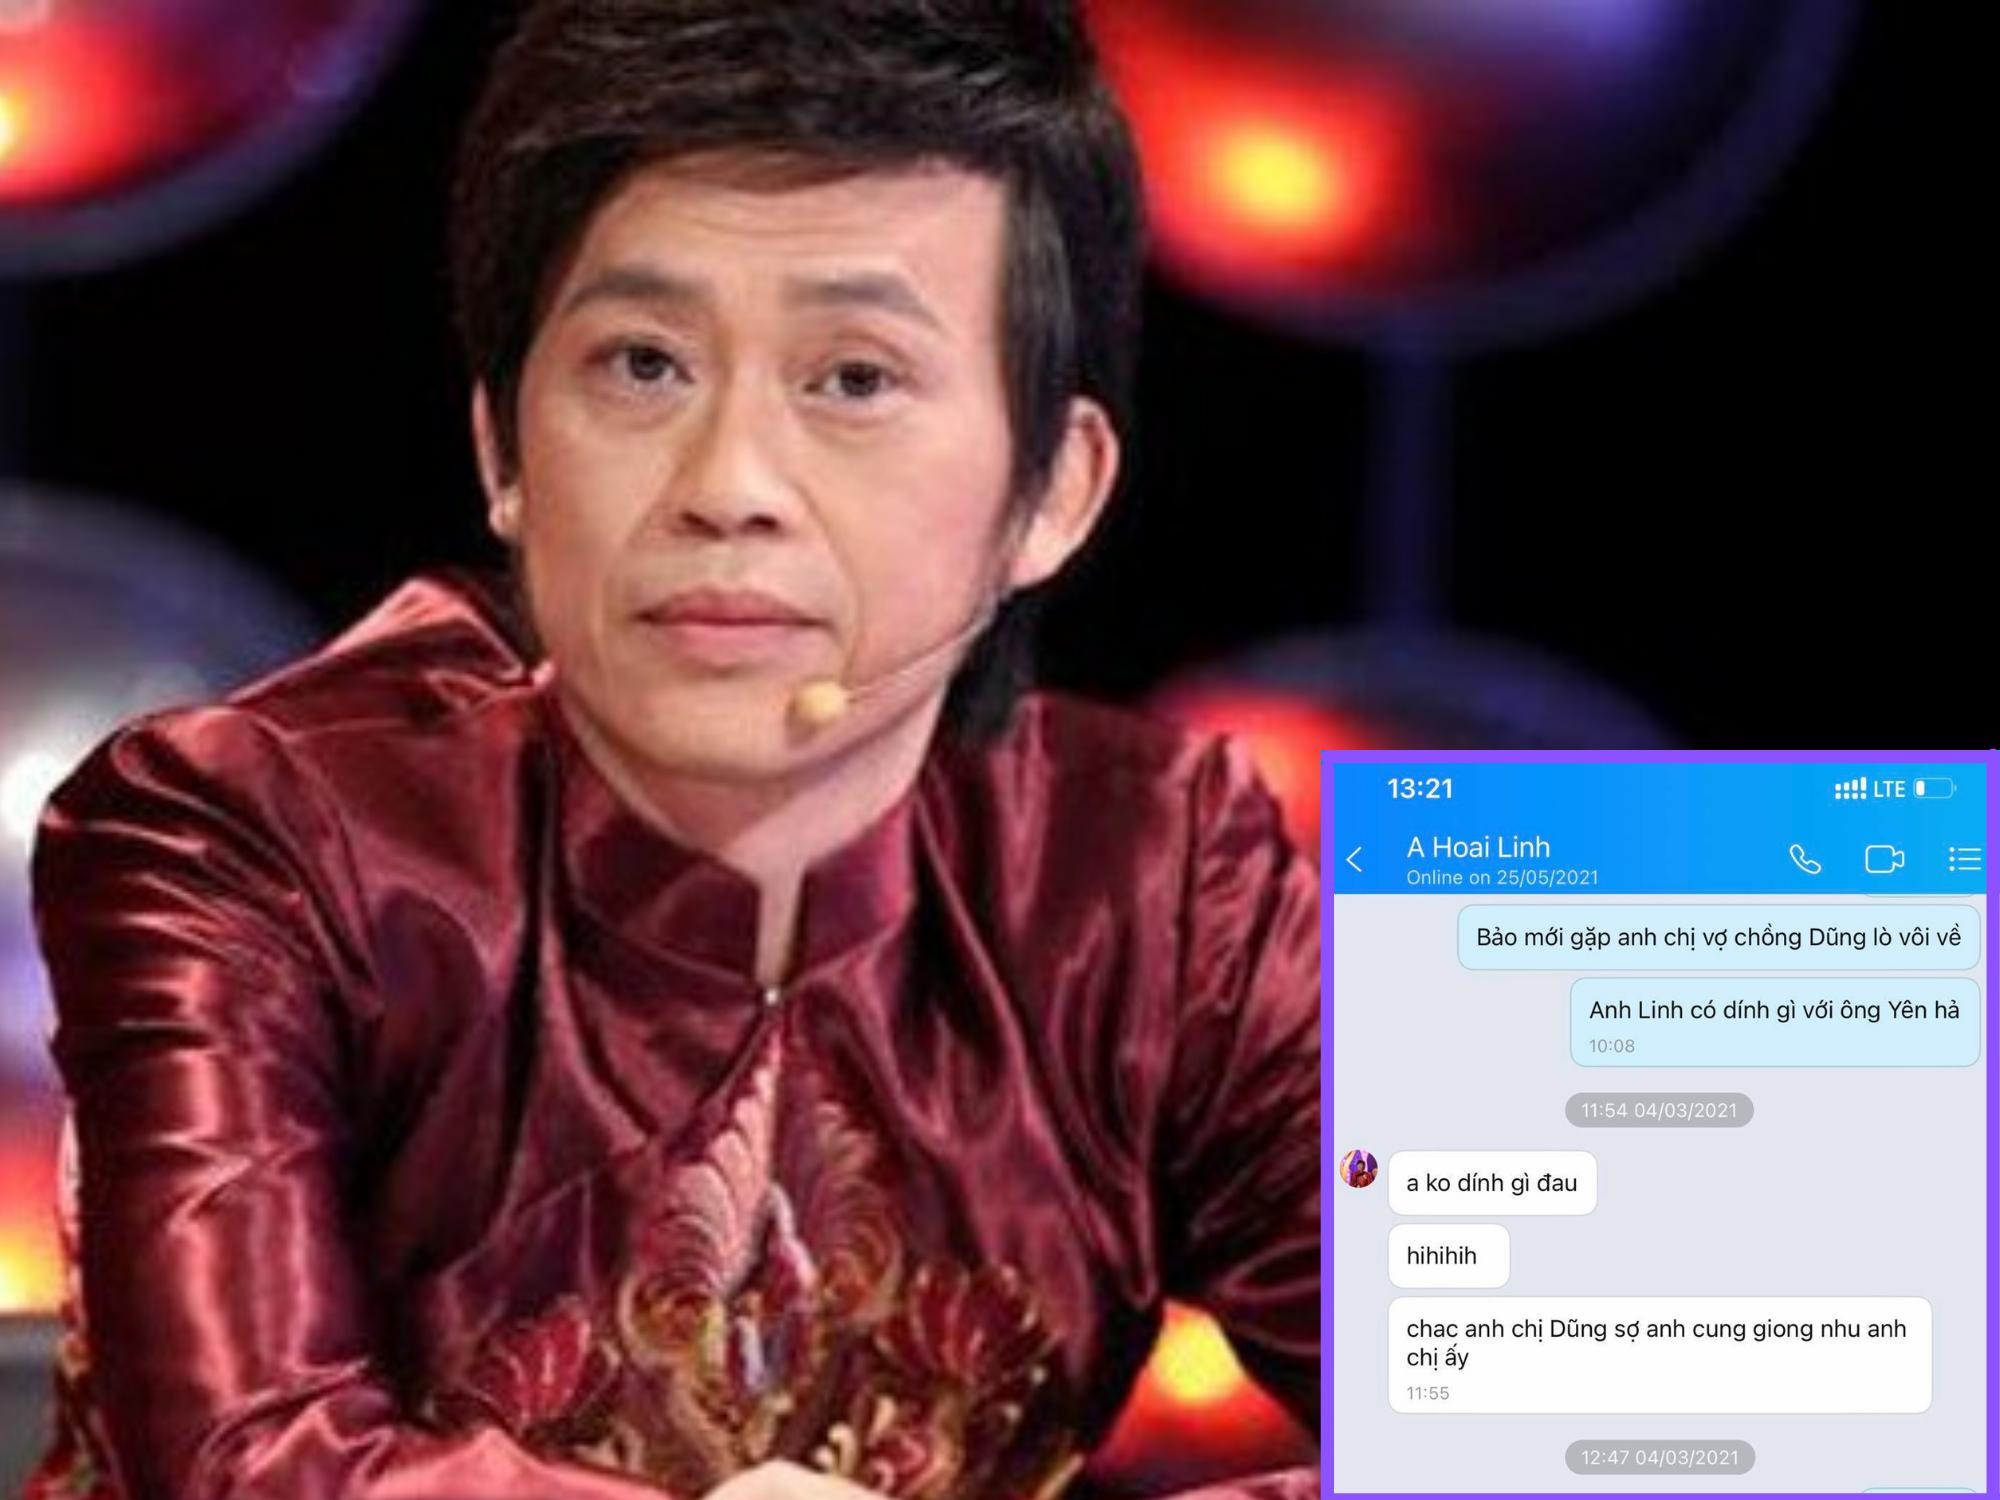 Rò rỉ loạt tin nhắn của Hoài Linh khẳng định không liên quan đến ông Võ Hoàng Yên